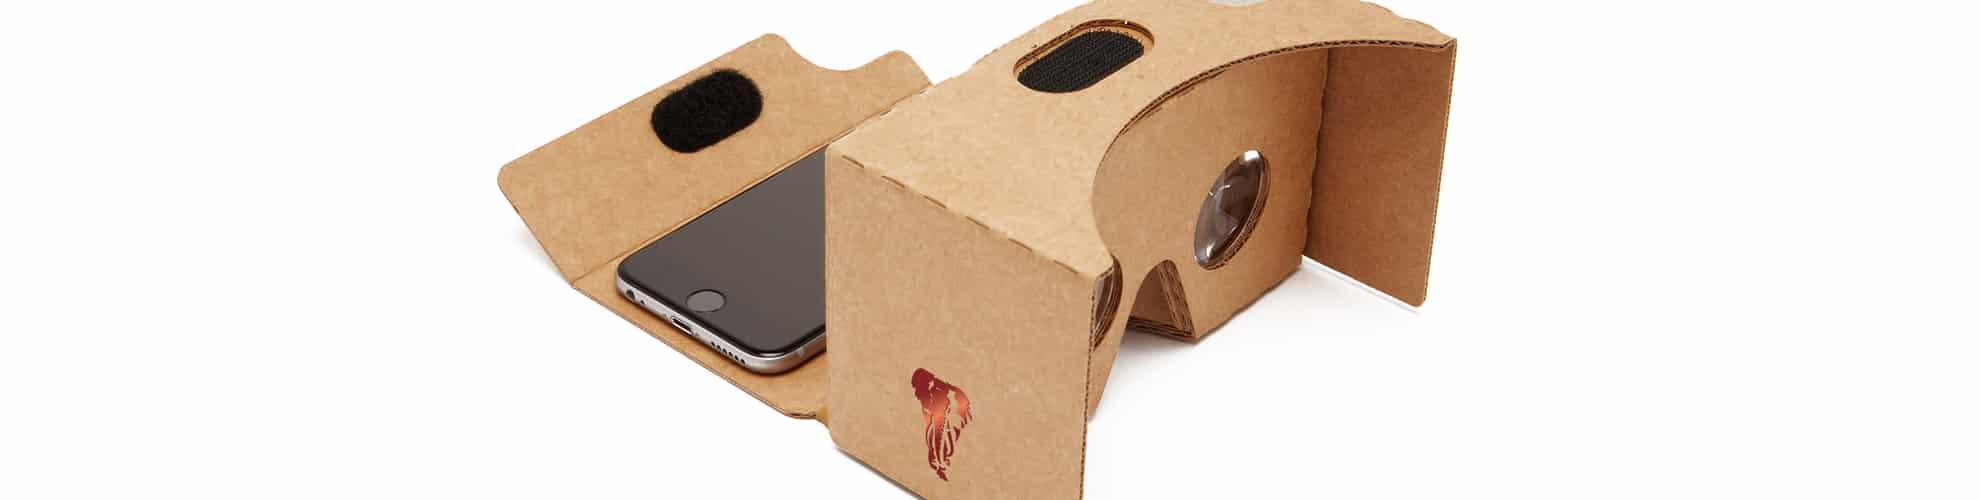 amarula-virtual-reality-headsets